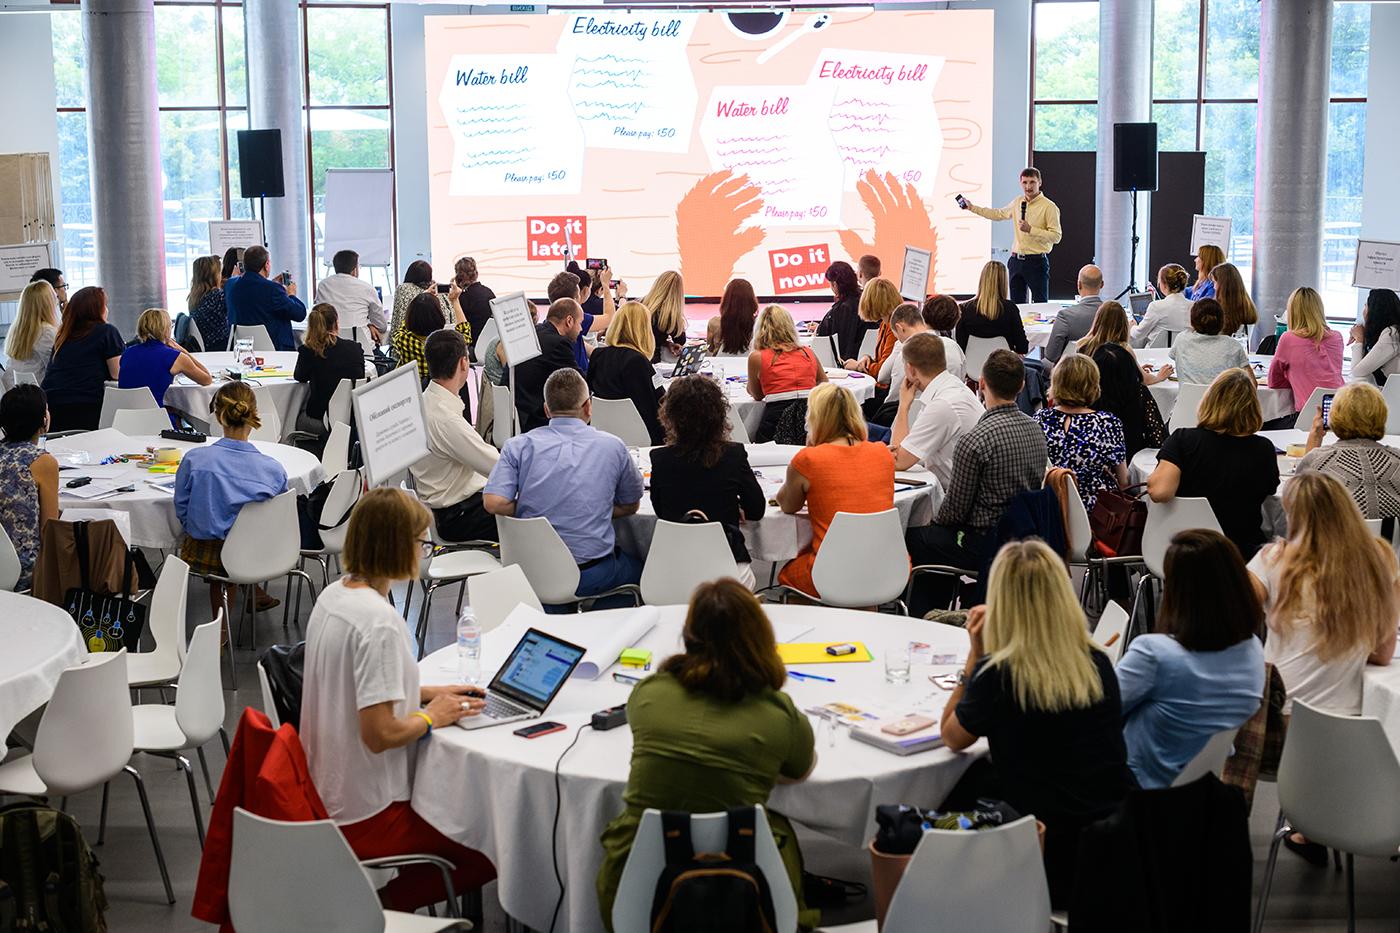 🇪🇺 Фіналісти EU Association Lab — 6 державних стартапів працюватимуть над євроінтеграційними рішеннями